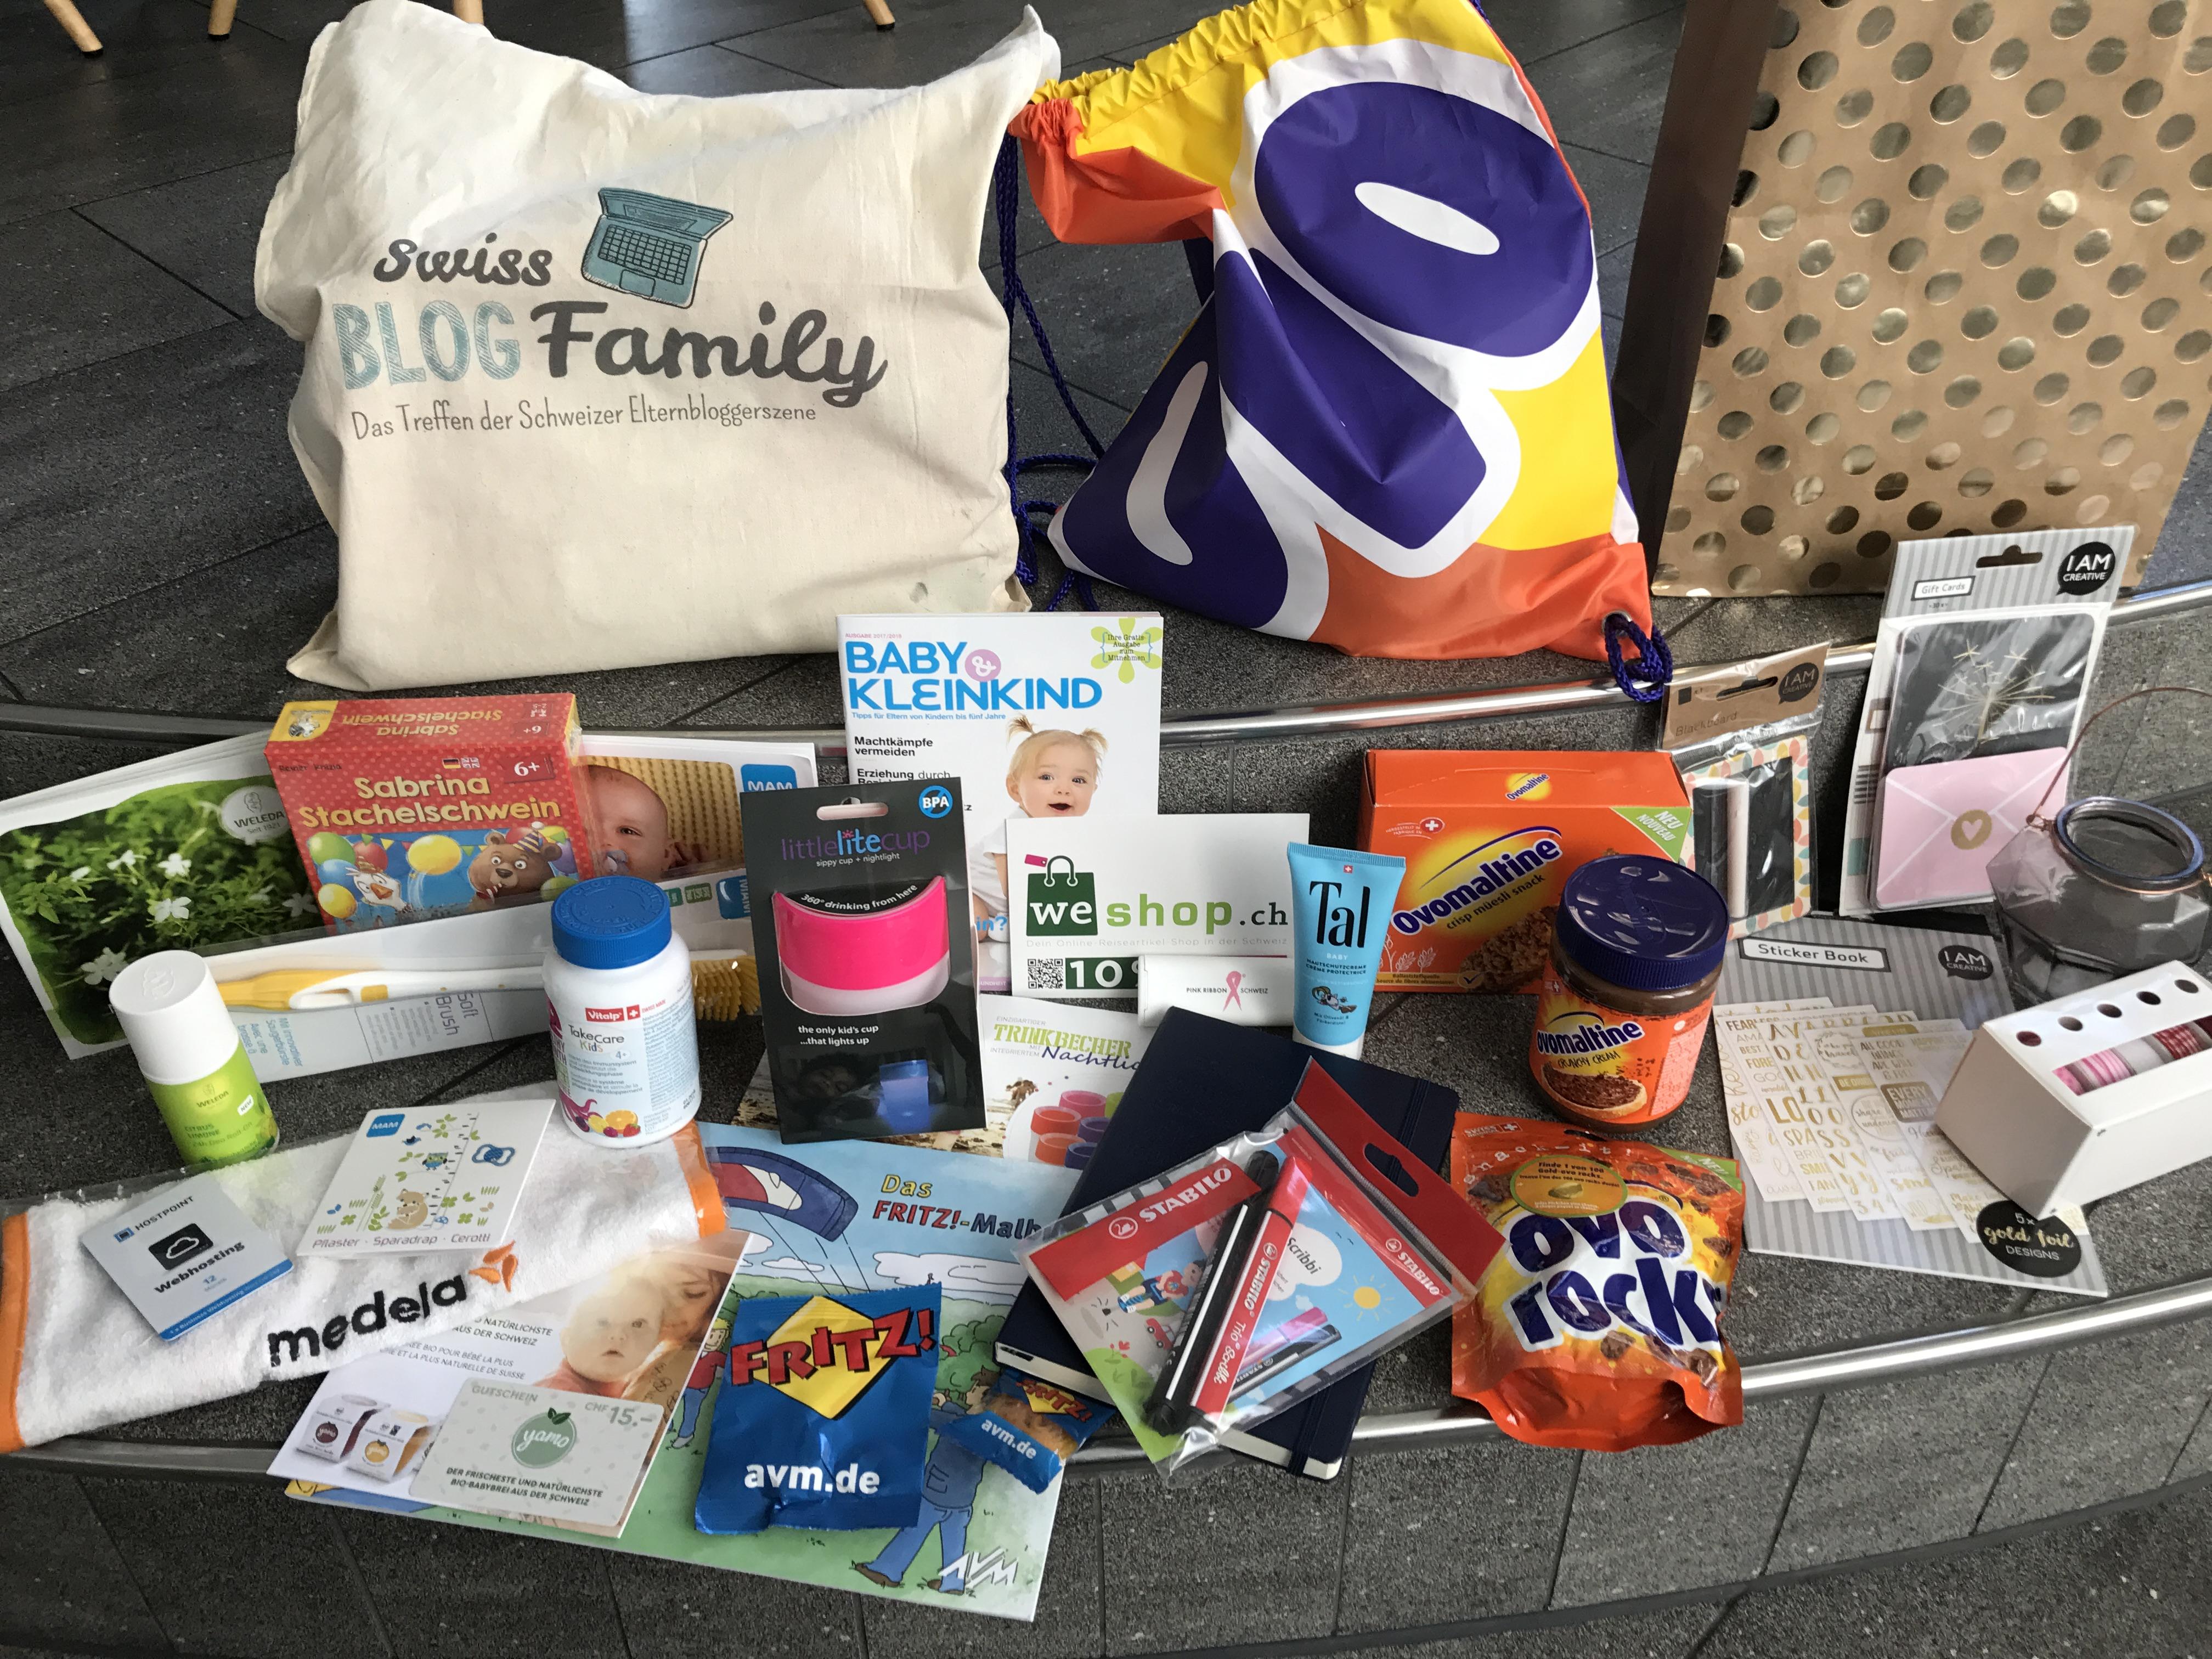 Goodie Bags mit Produkten von Weleda, AVM, Roorbach Kommunikation, Ovomaltine, MUM, Do-it-Garden, Stabilo und vielen mehr